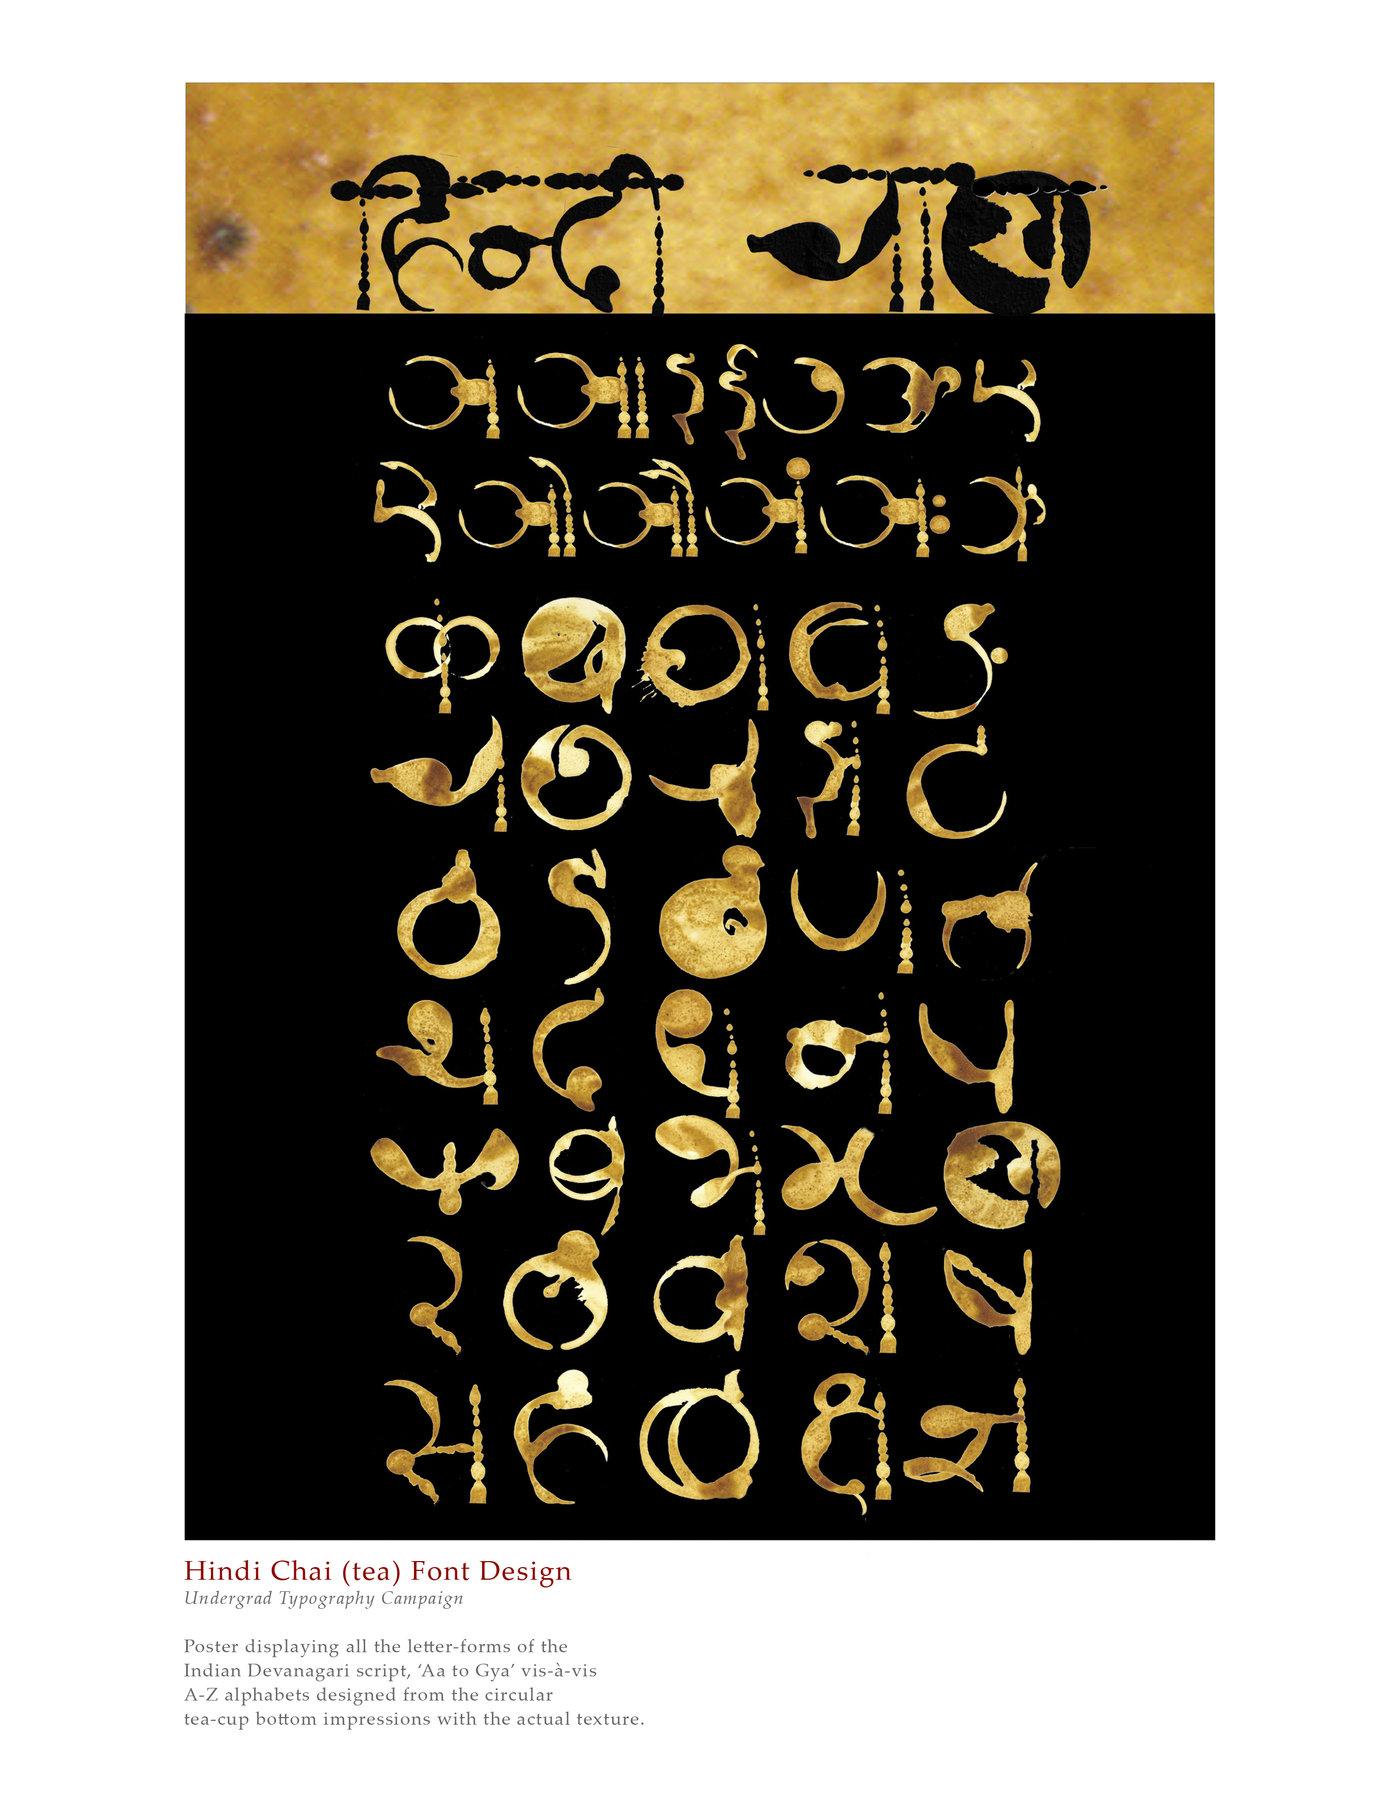 Hindi Chai Font Design By Anubhuti Desai At Coroflot